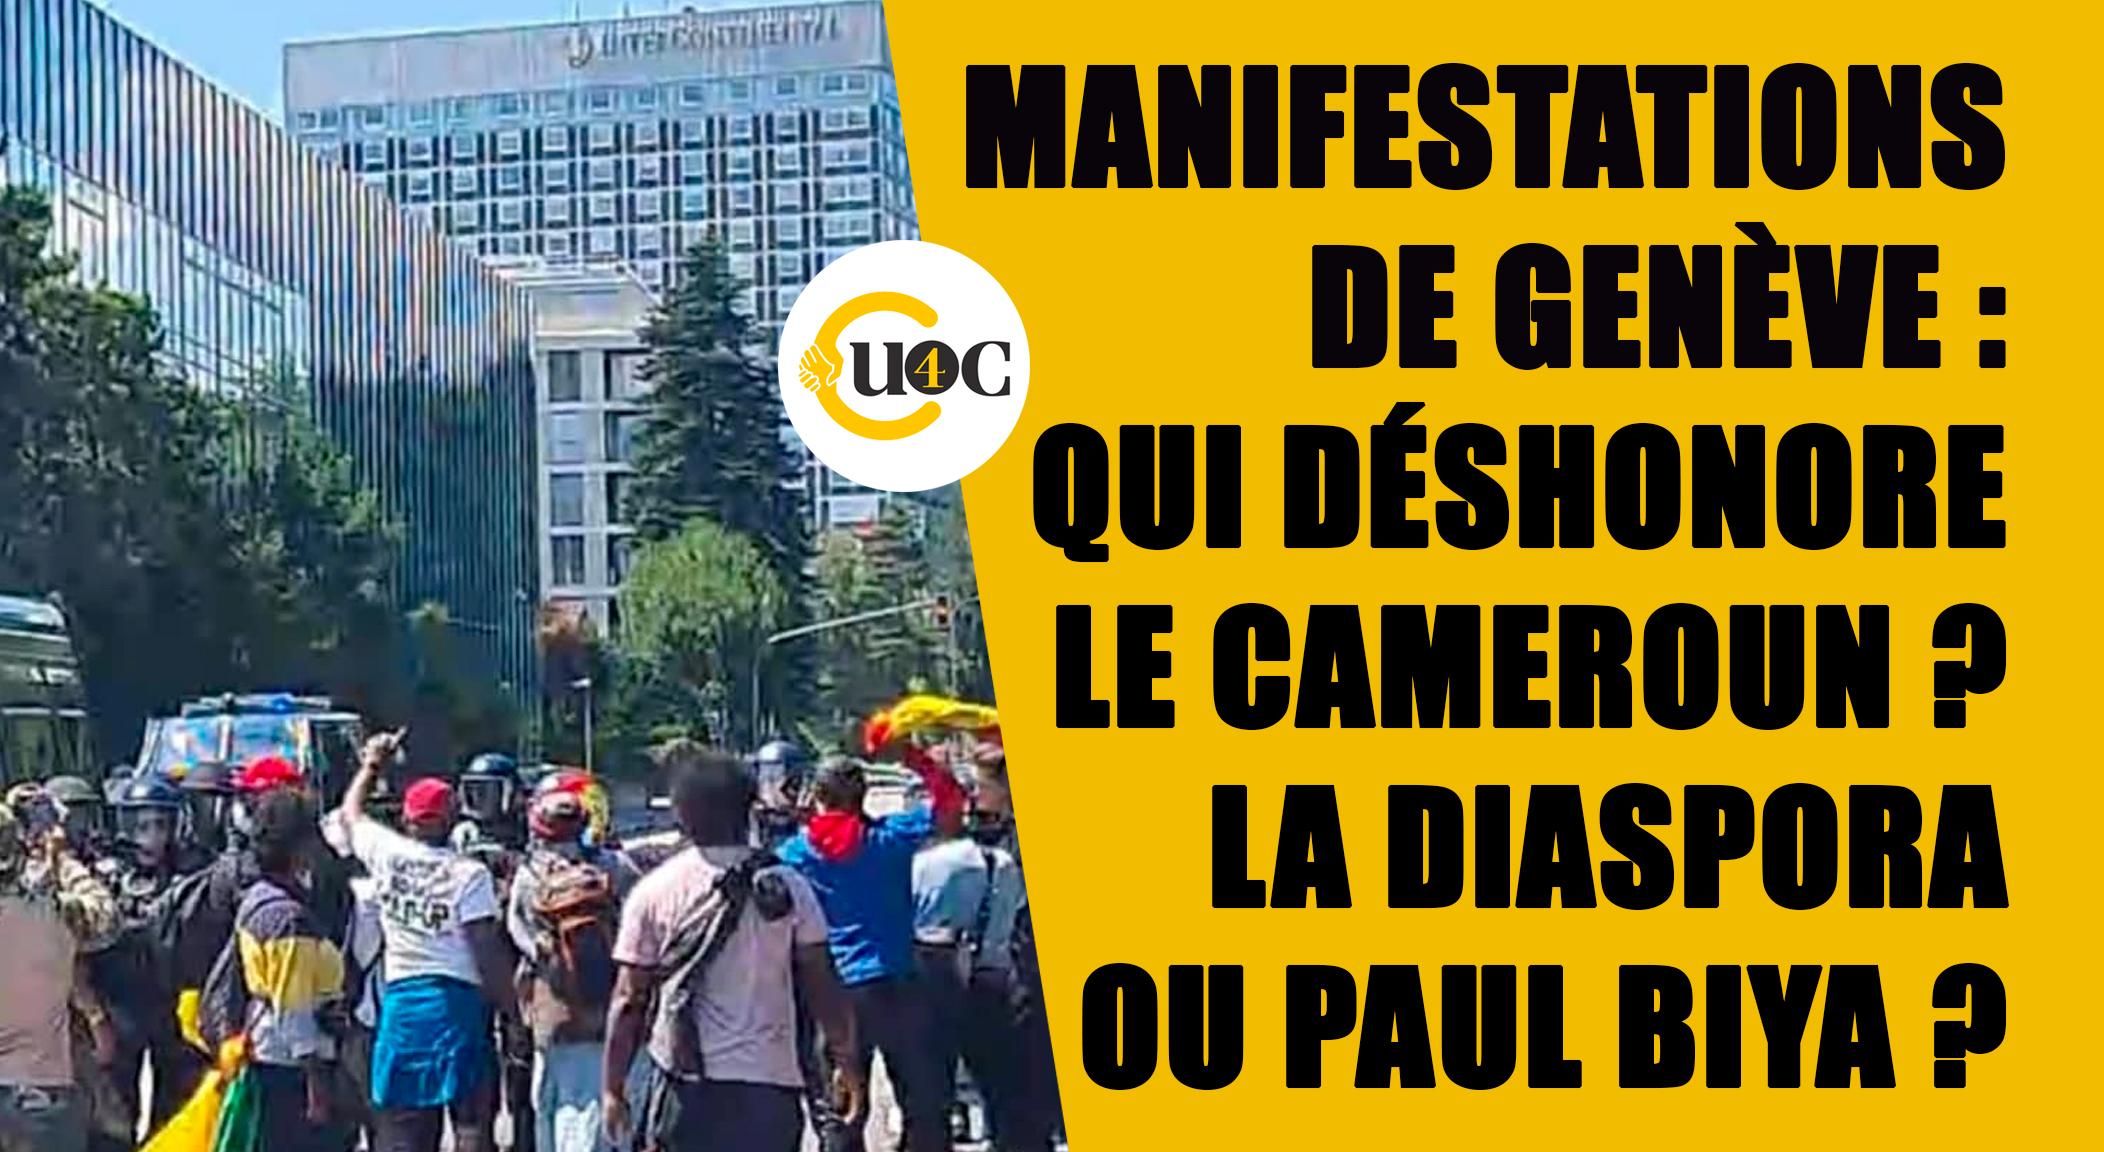 Manifestations de Genève : qui déshonore le Cameroun ? La Diaspora ou Paul Biya ?